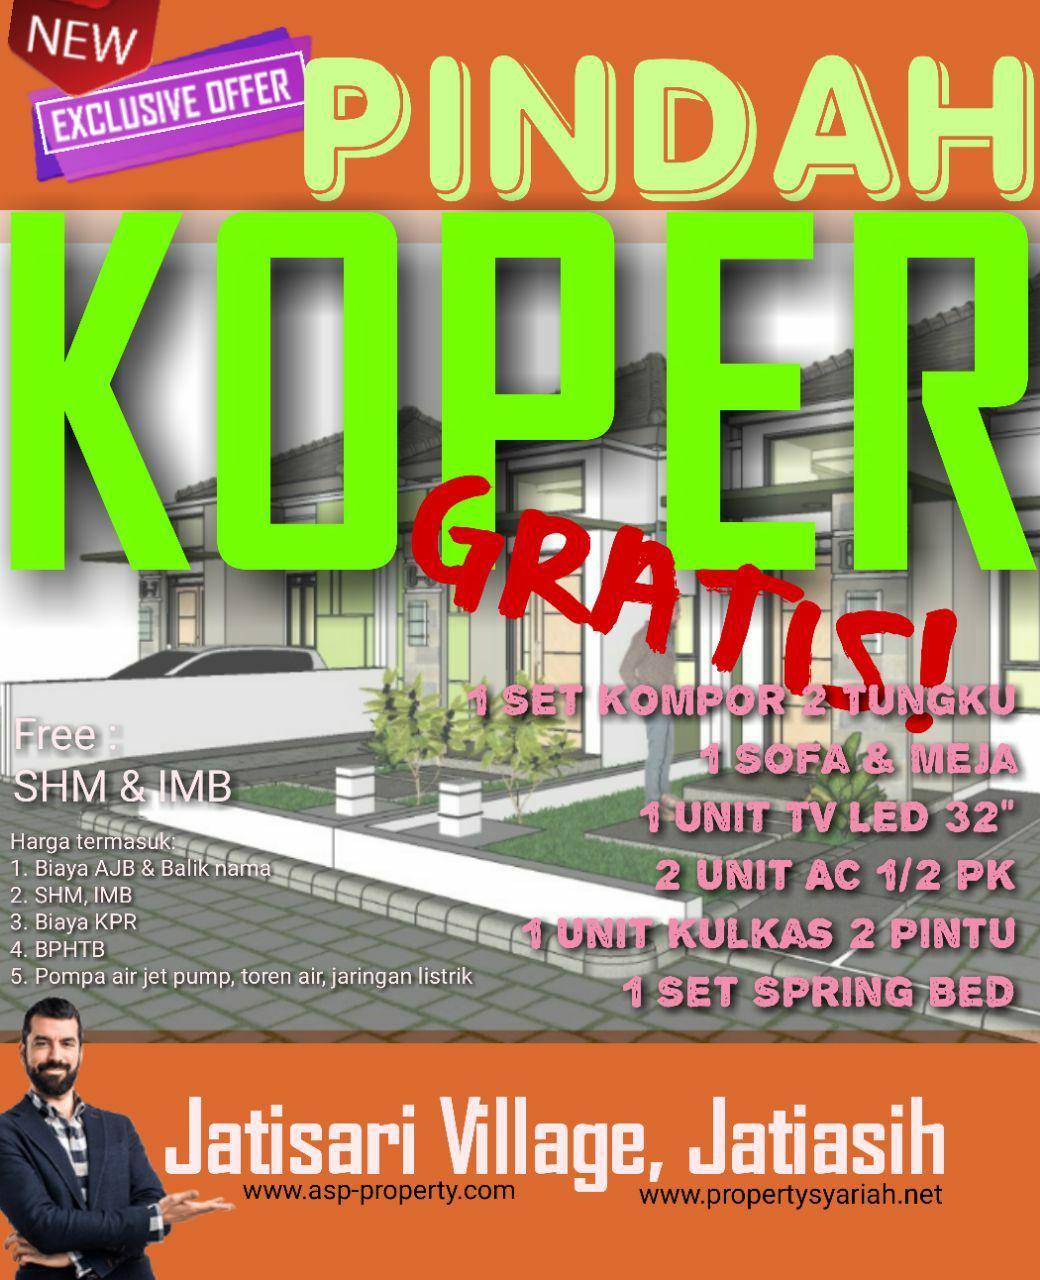 Cluster Jatisari Village Rumah di Jatiasih Kota Bekasi